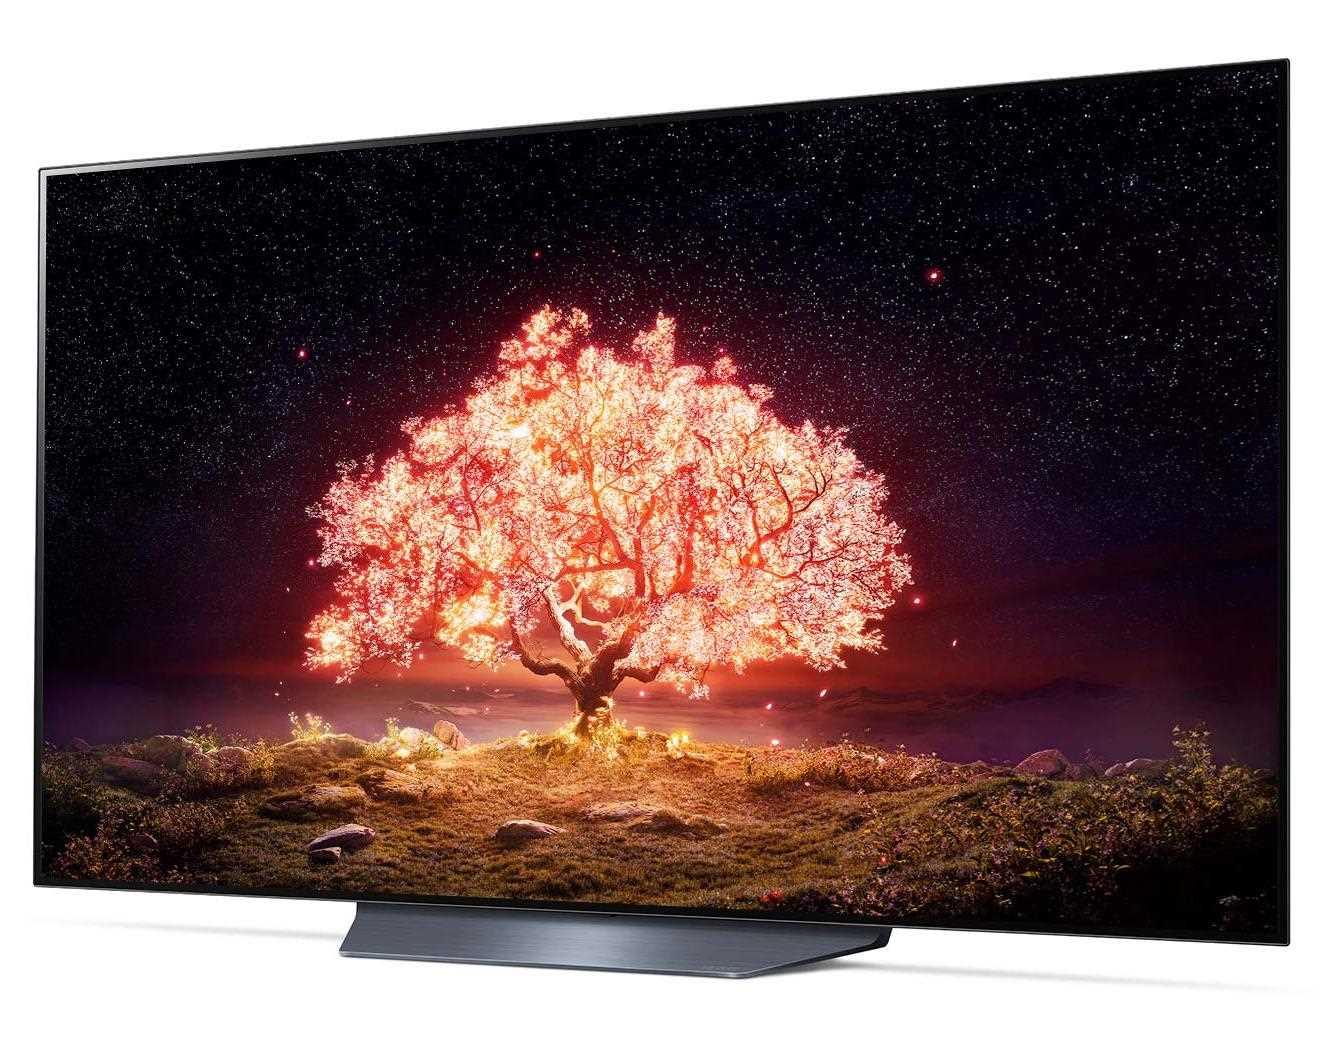 טלוויזיה 65 אינץ' דגם OLED 65B16LA/PVA  בטכנולוגיית LG OLED 4K Ultra HD אל ג'י - תמונה 2